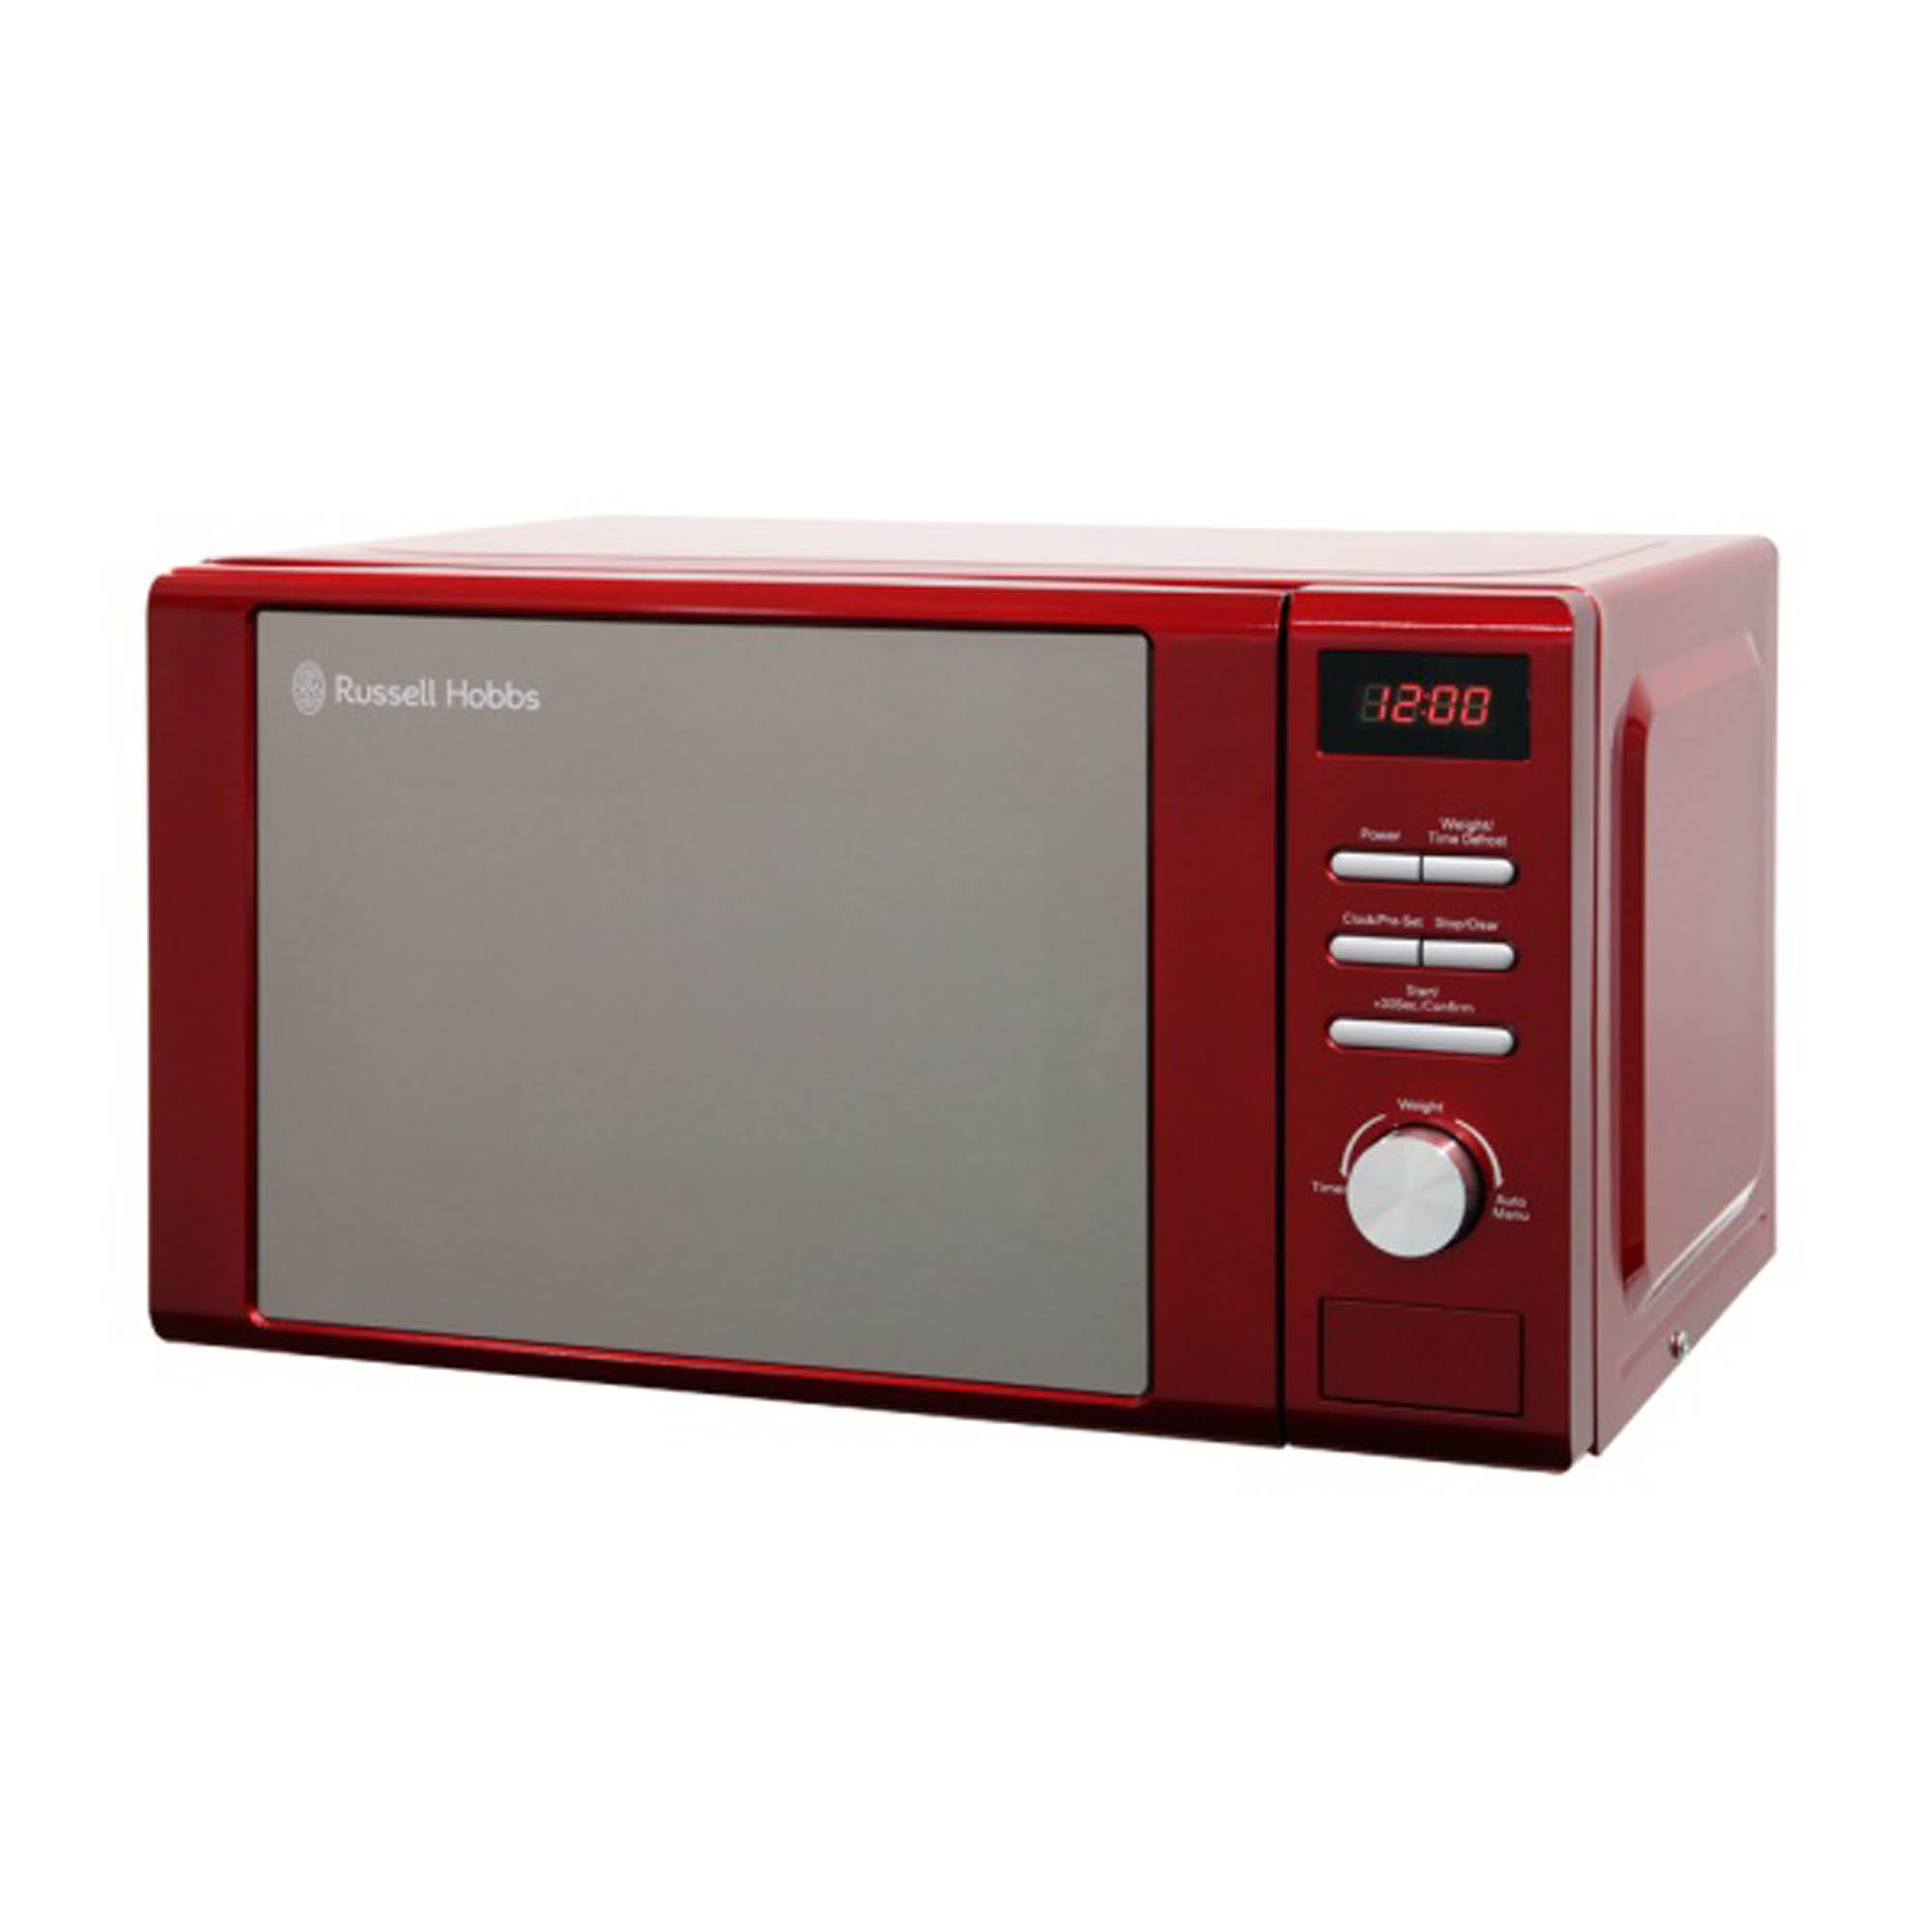 Russell Hobbs RHM2064R 800W 20L Digital Microwave - Red